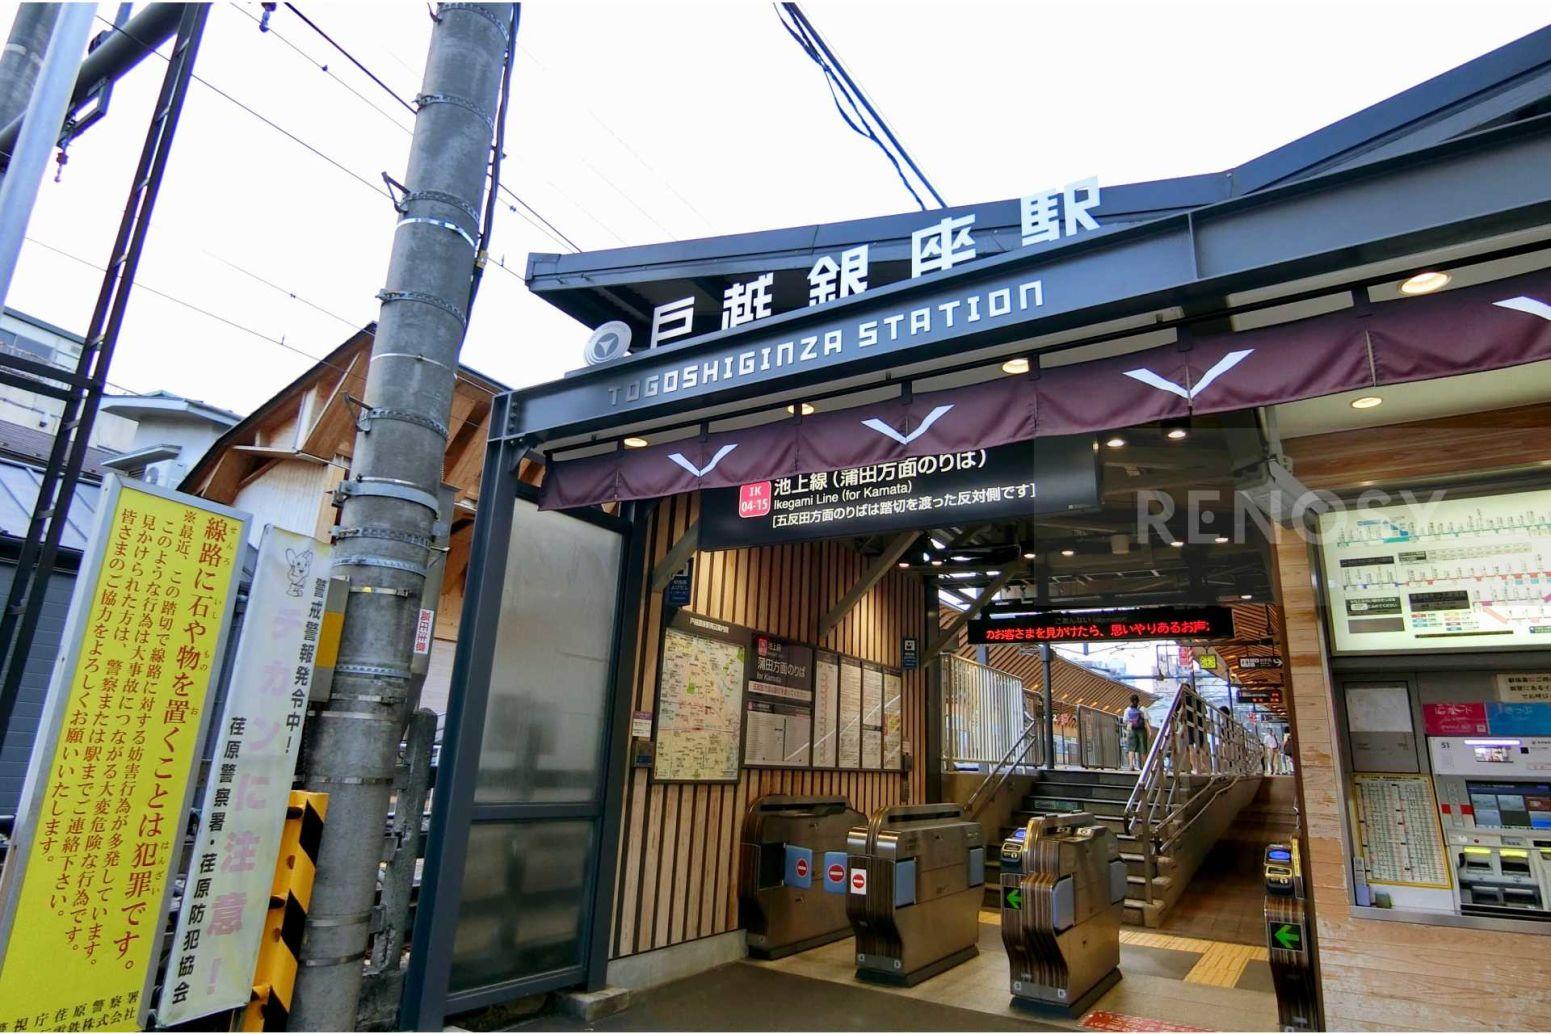 ワールドパレス武蔵小山